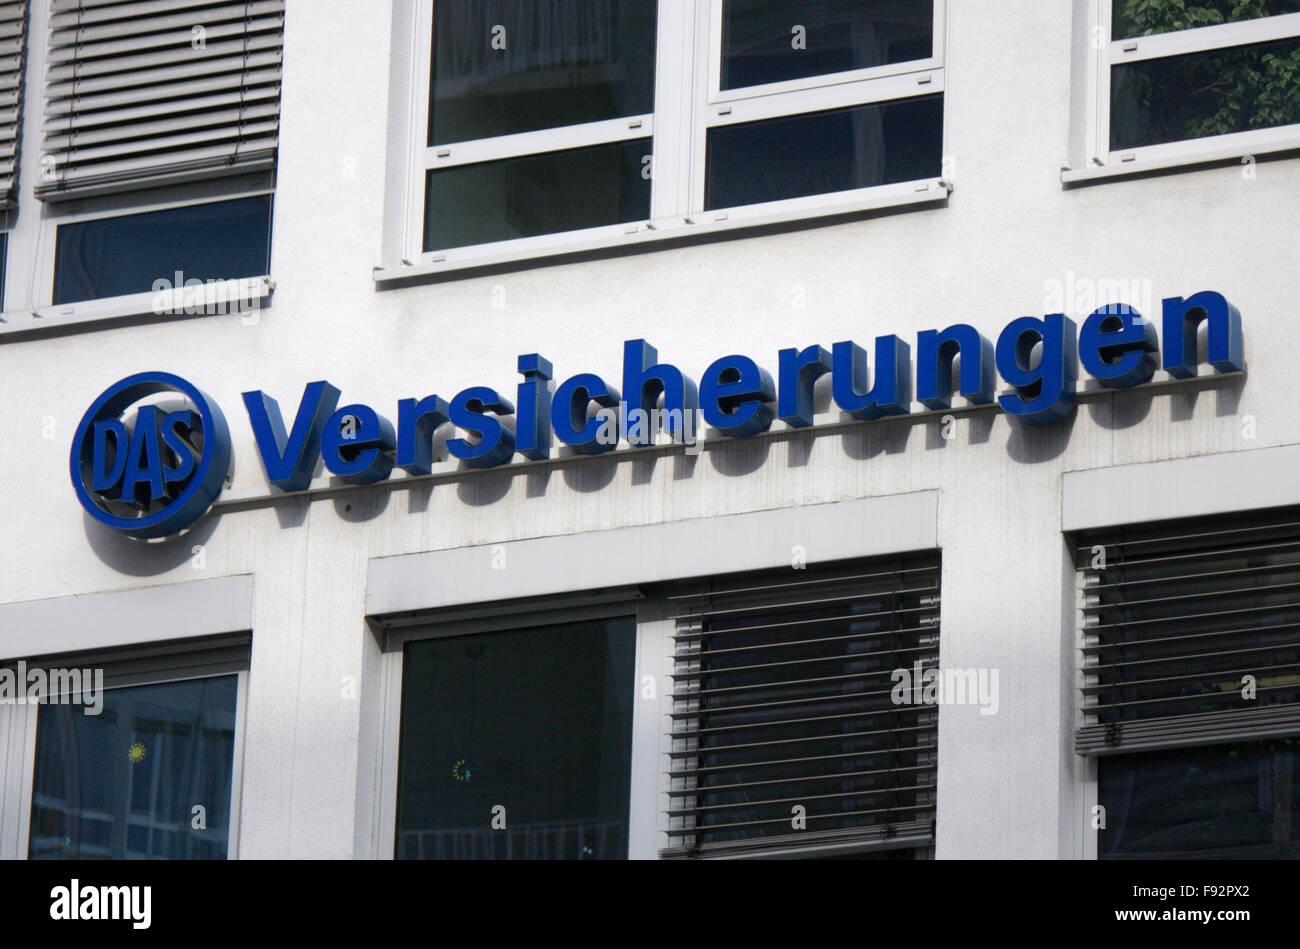 Markenname: 'Das Versicherungen', Berlin. - Stock Image